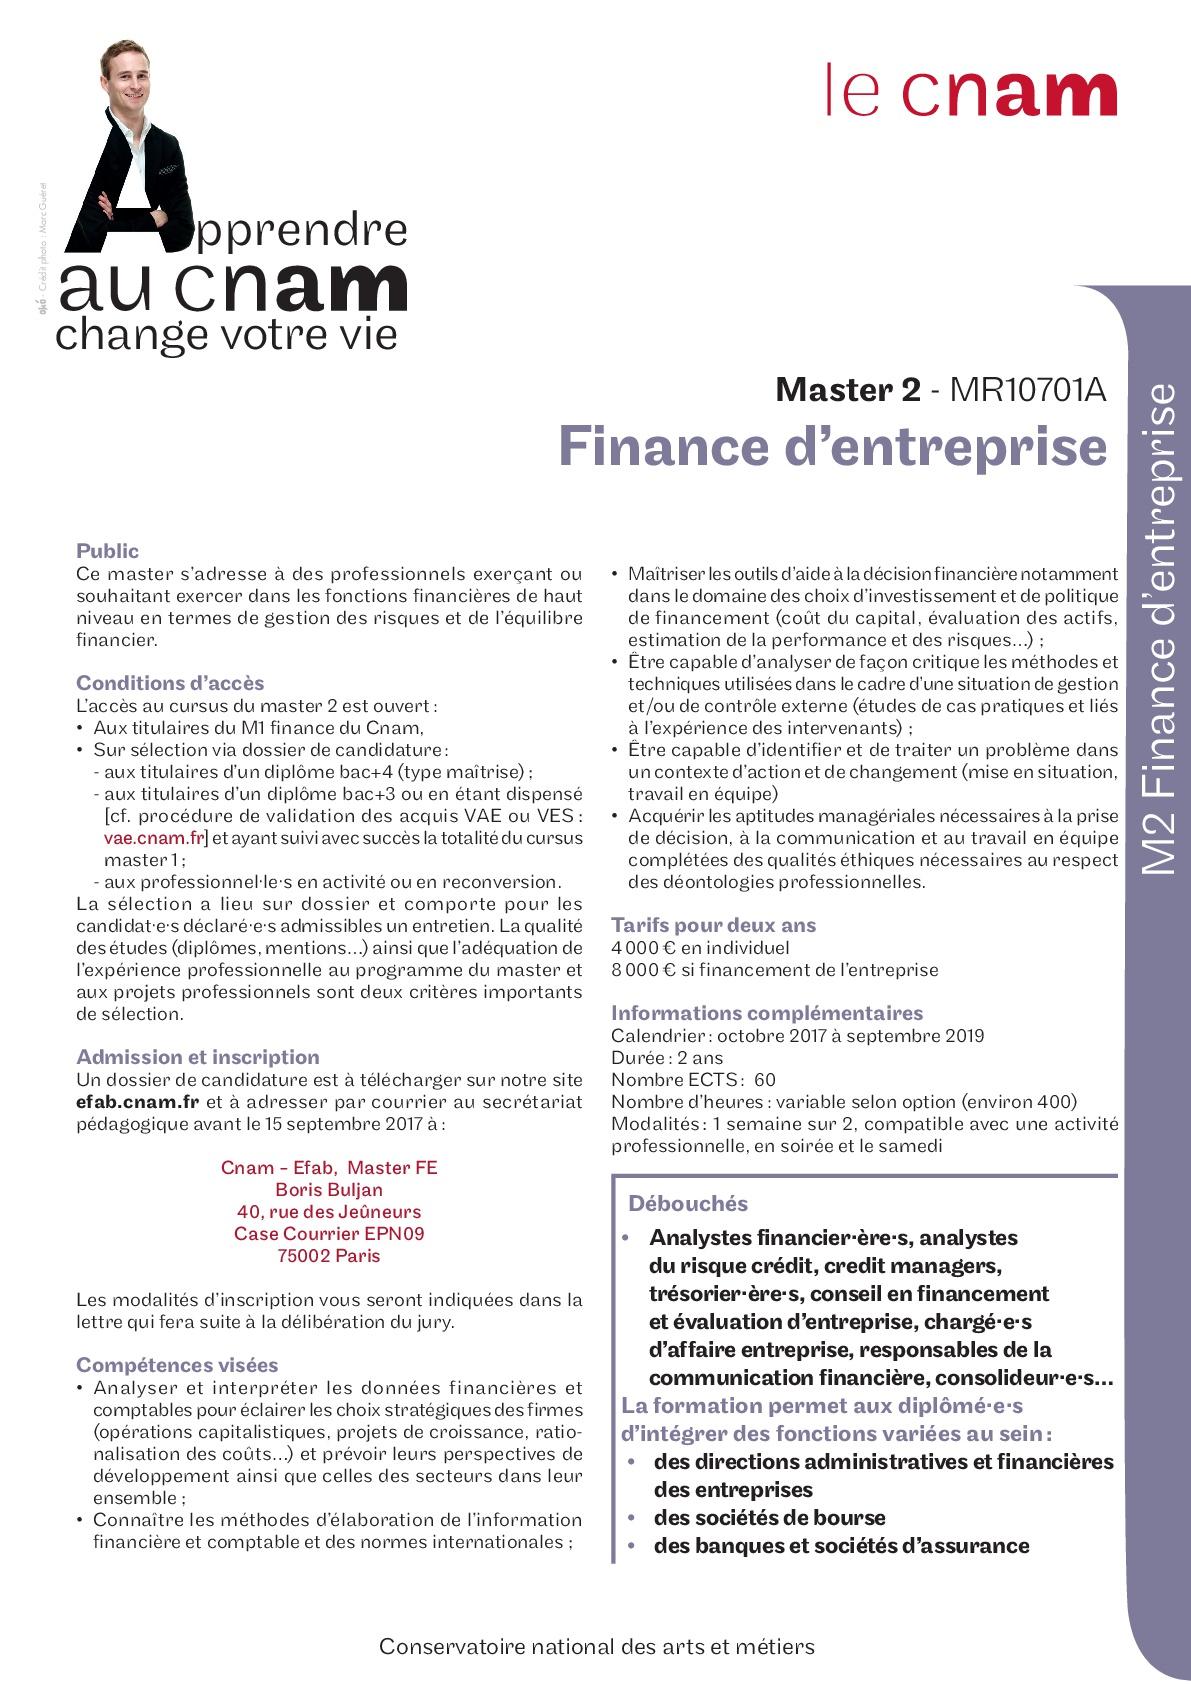 Plaquette Master 2 Finance d'entreprise